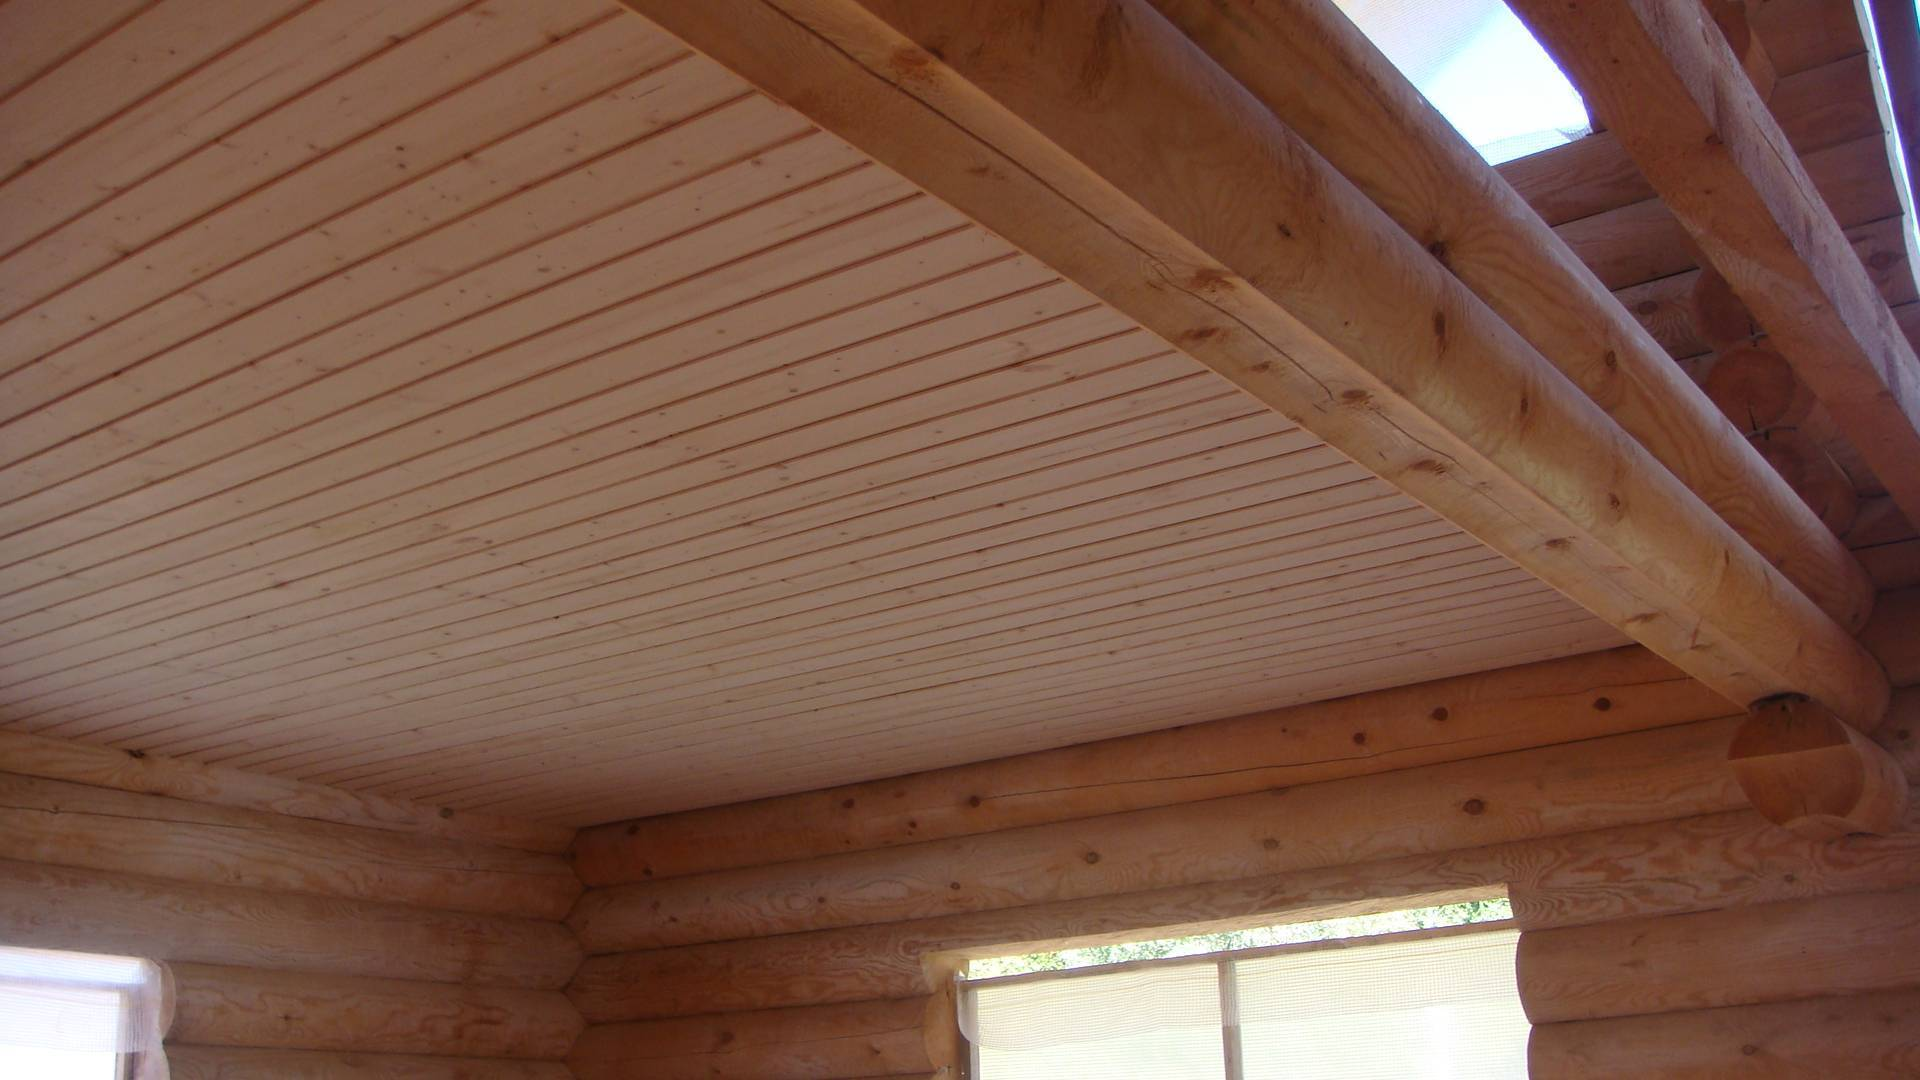 Натяжной потолок в деревянном доме (28 фото): плюсы и минусы натяжных потолочных покрытий в деревянном доме с балками, отзывы